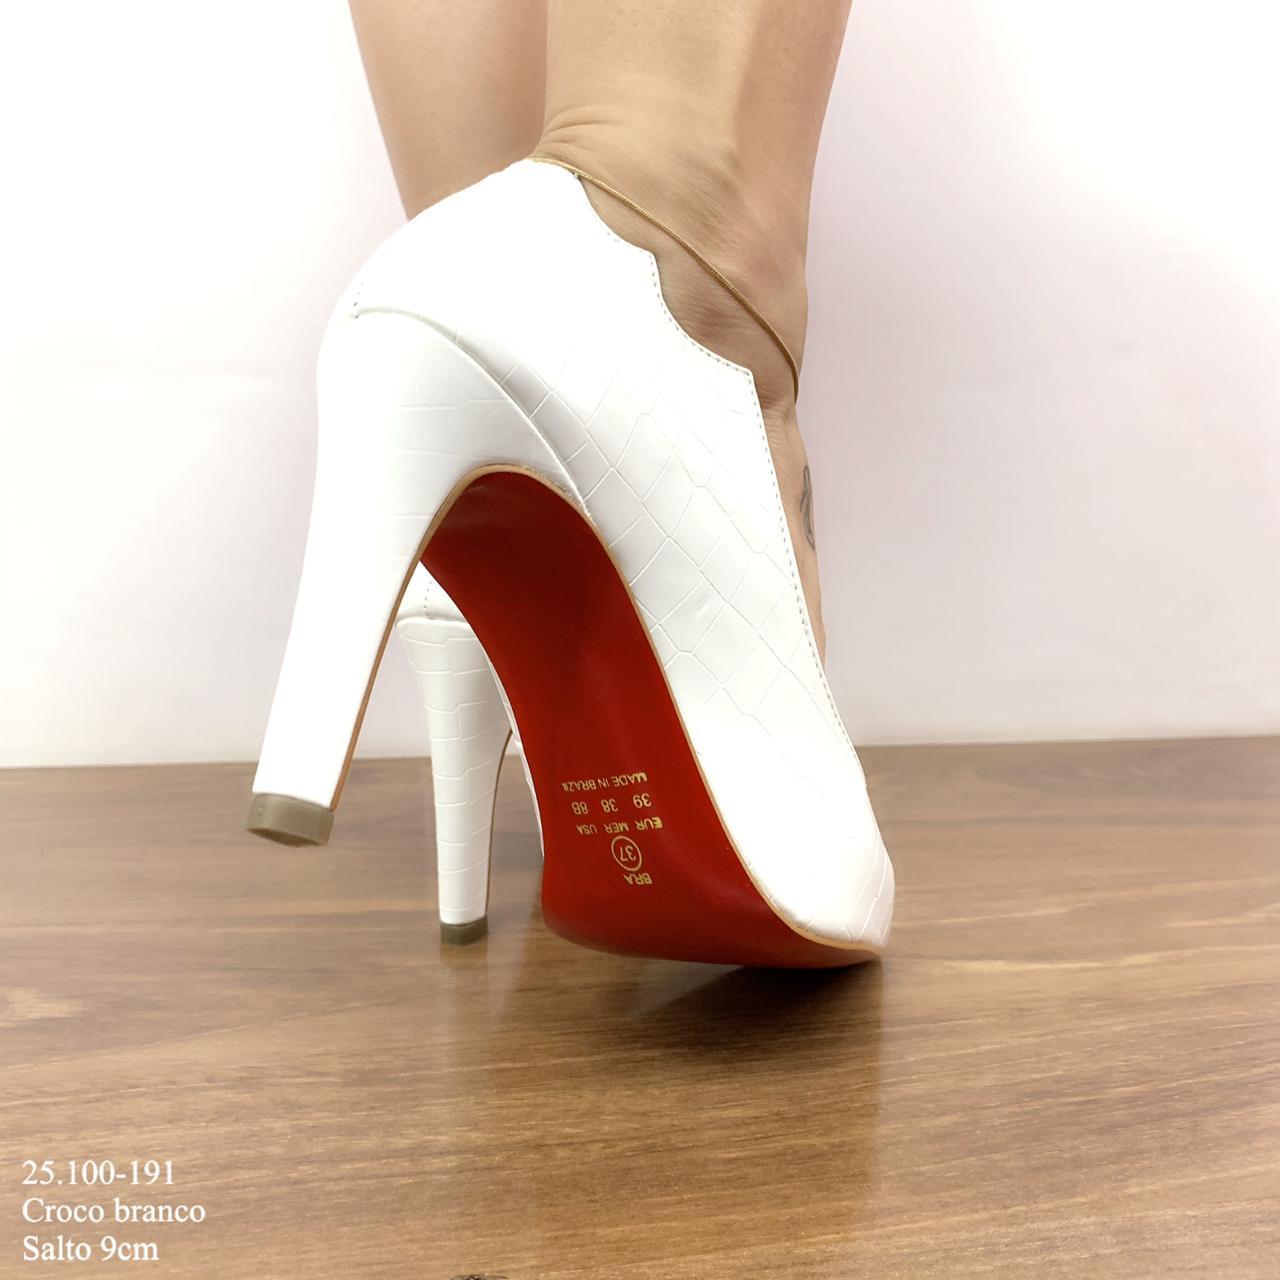 Scarpin Branco Croco Sola Vermelha | D-25.000-97